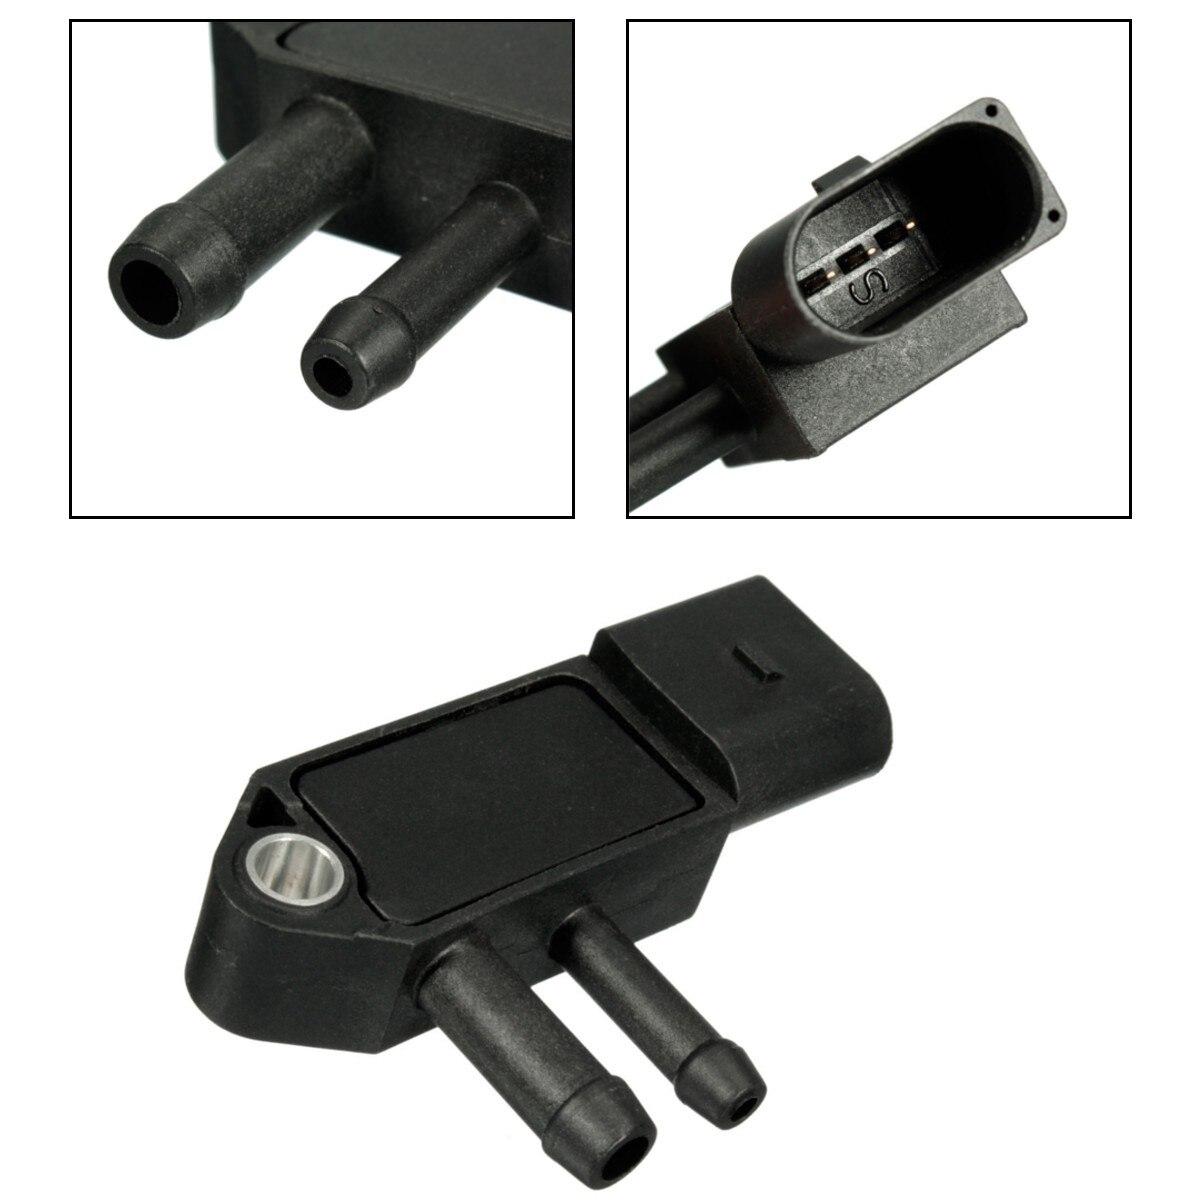 076906051A Sensor de presión para Audi para Volkswagen Golf Passat Variant para Scirocco Polo 03G906051A